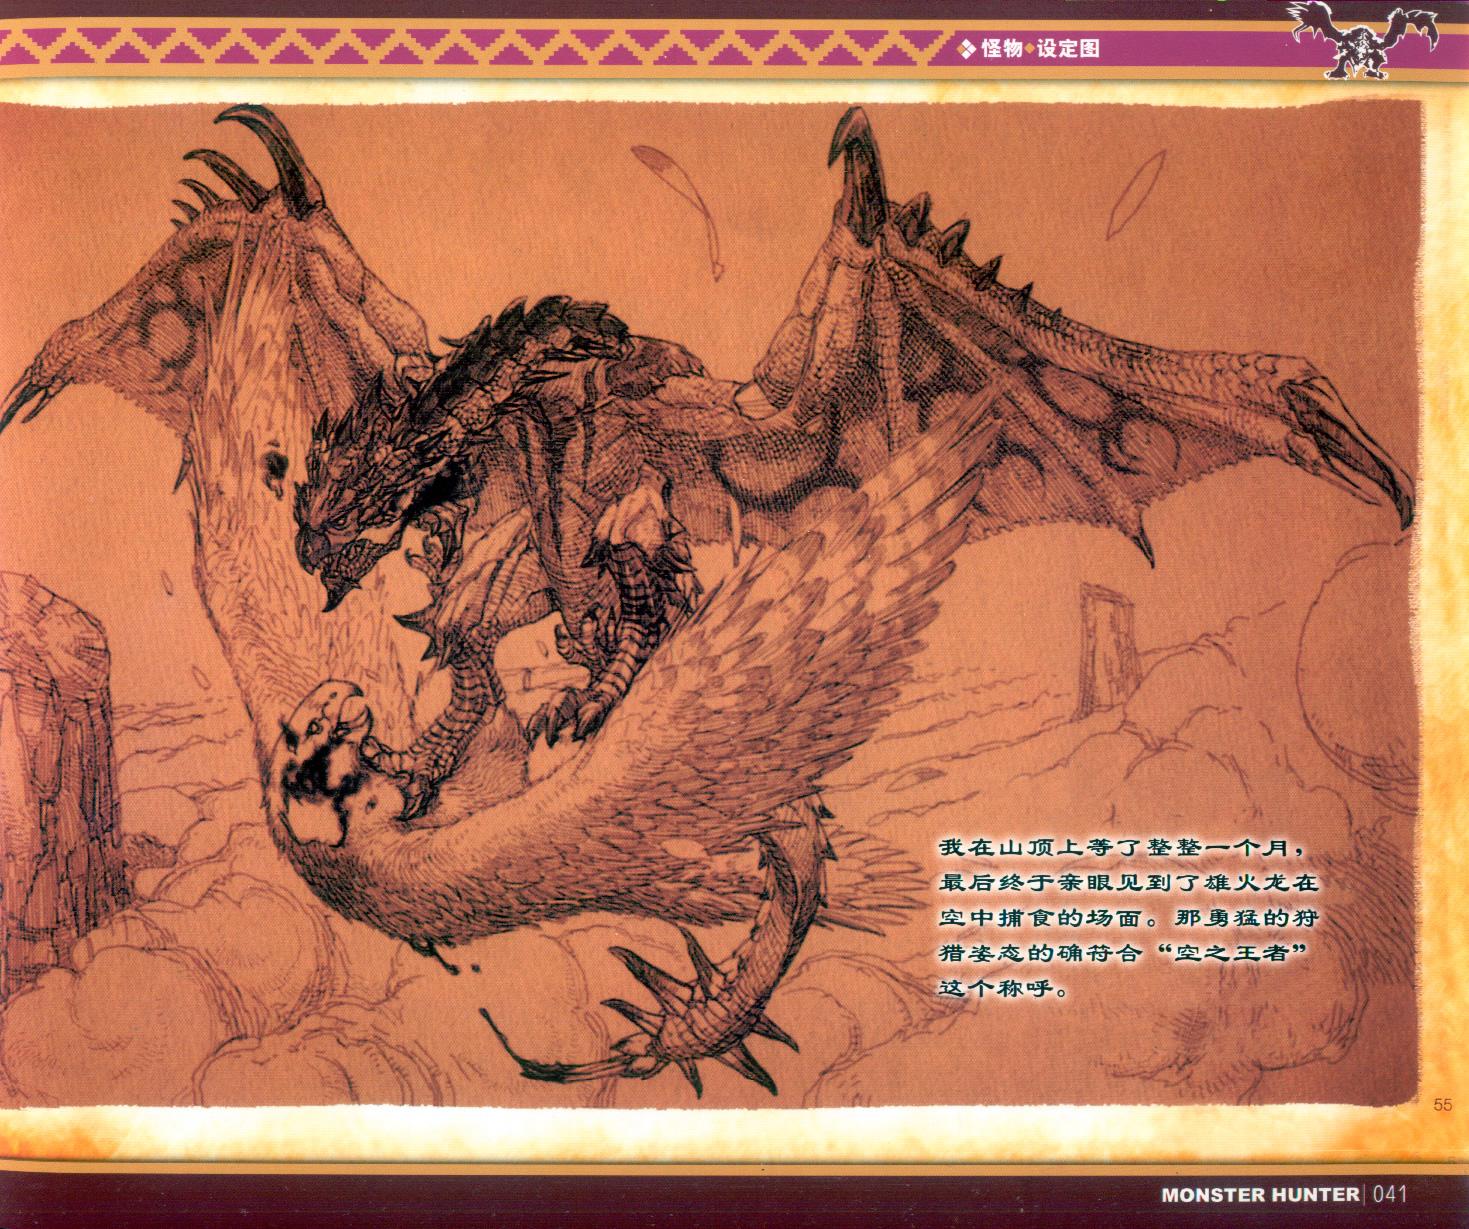 041_关注-游艺网GAME798海量资源下载怪物猎人终极画集.jpg